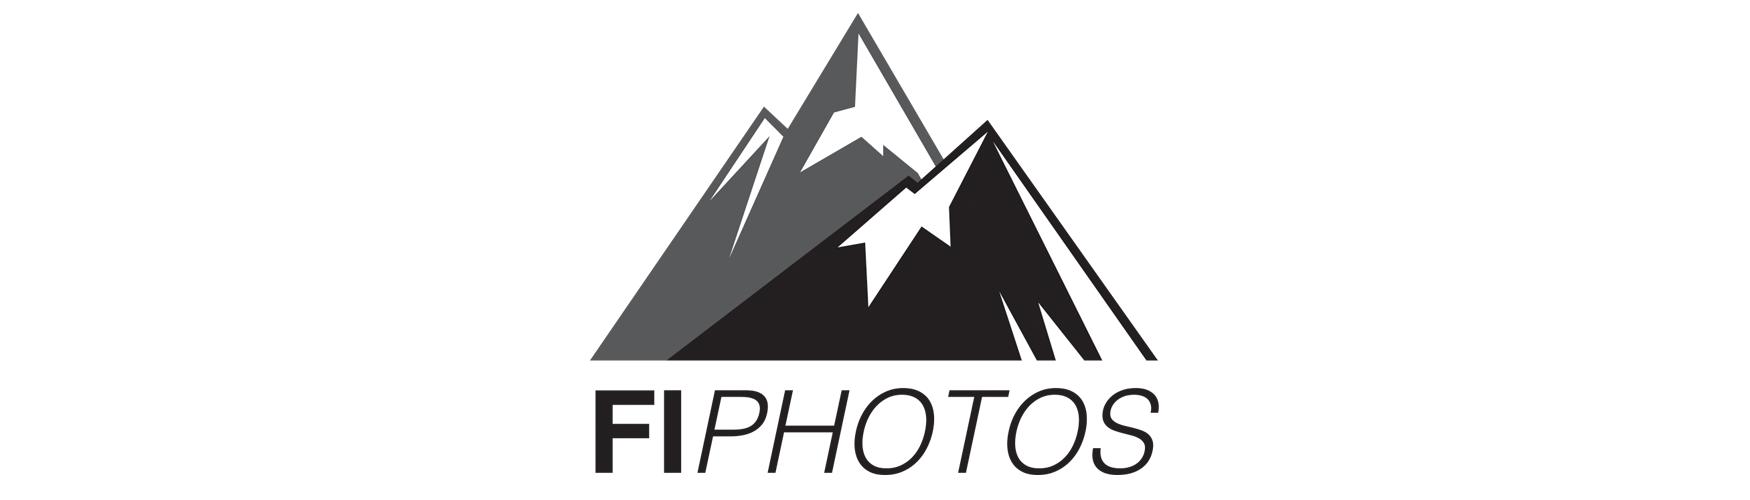 banner-fi-photos